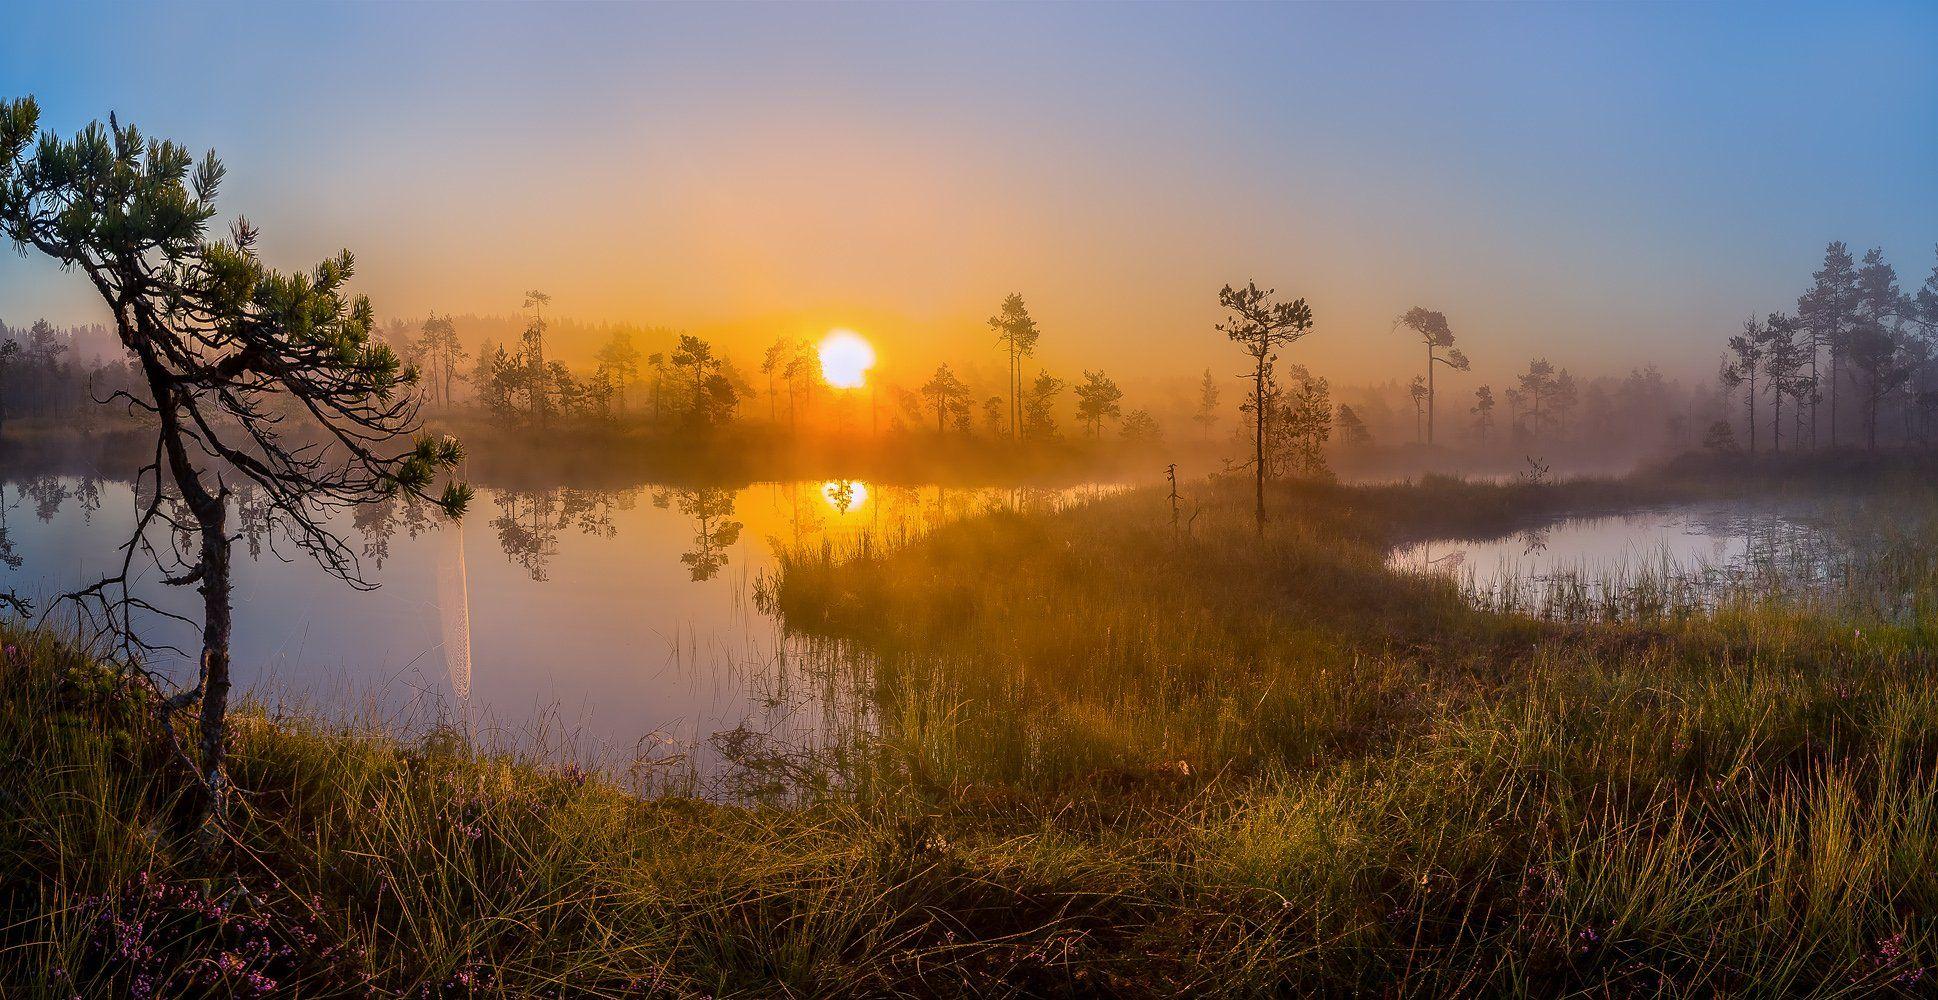 ленинградская область, озеро, болото, сосны, фотопроект, остров, лето, рассвет, туман, солнце, Лашков Фёдор